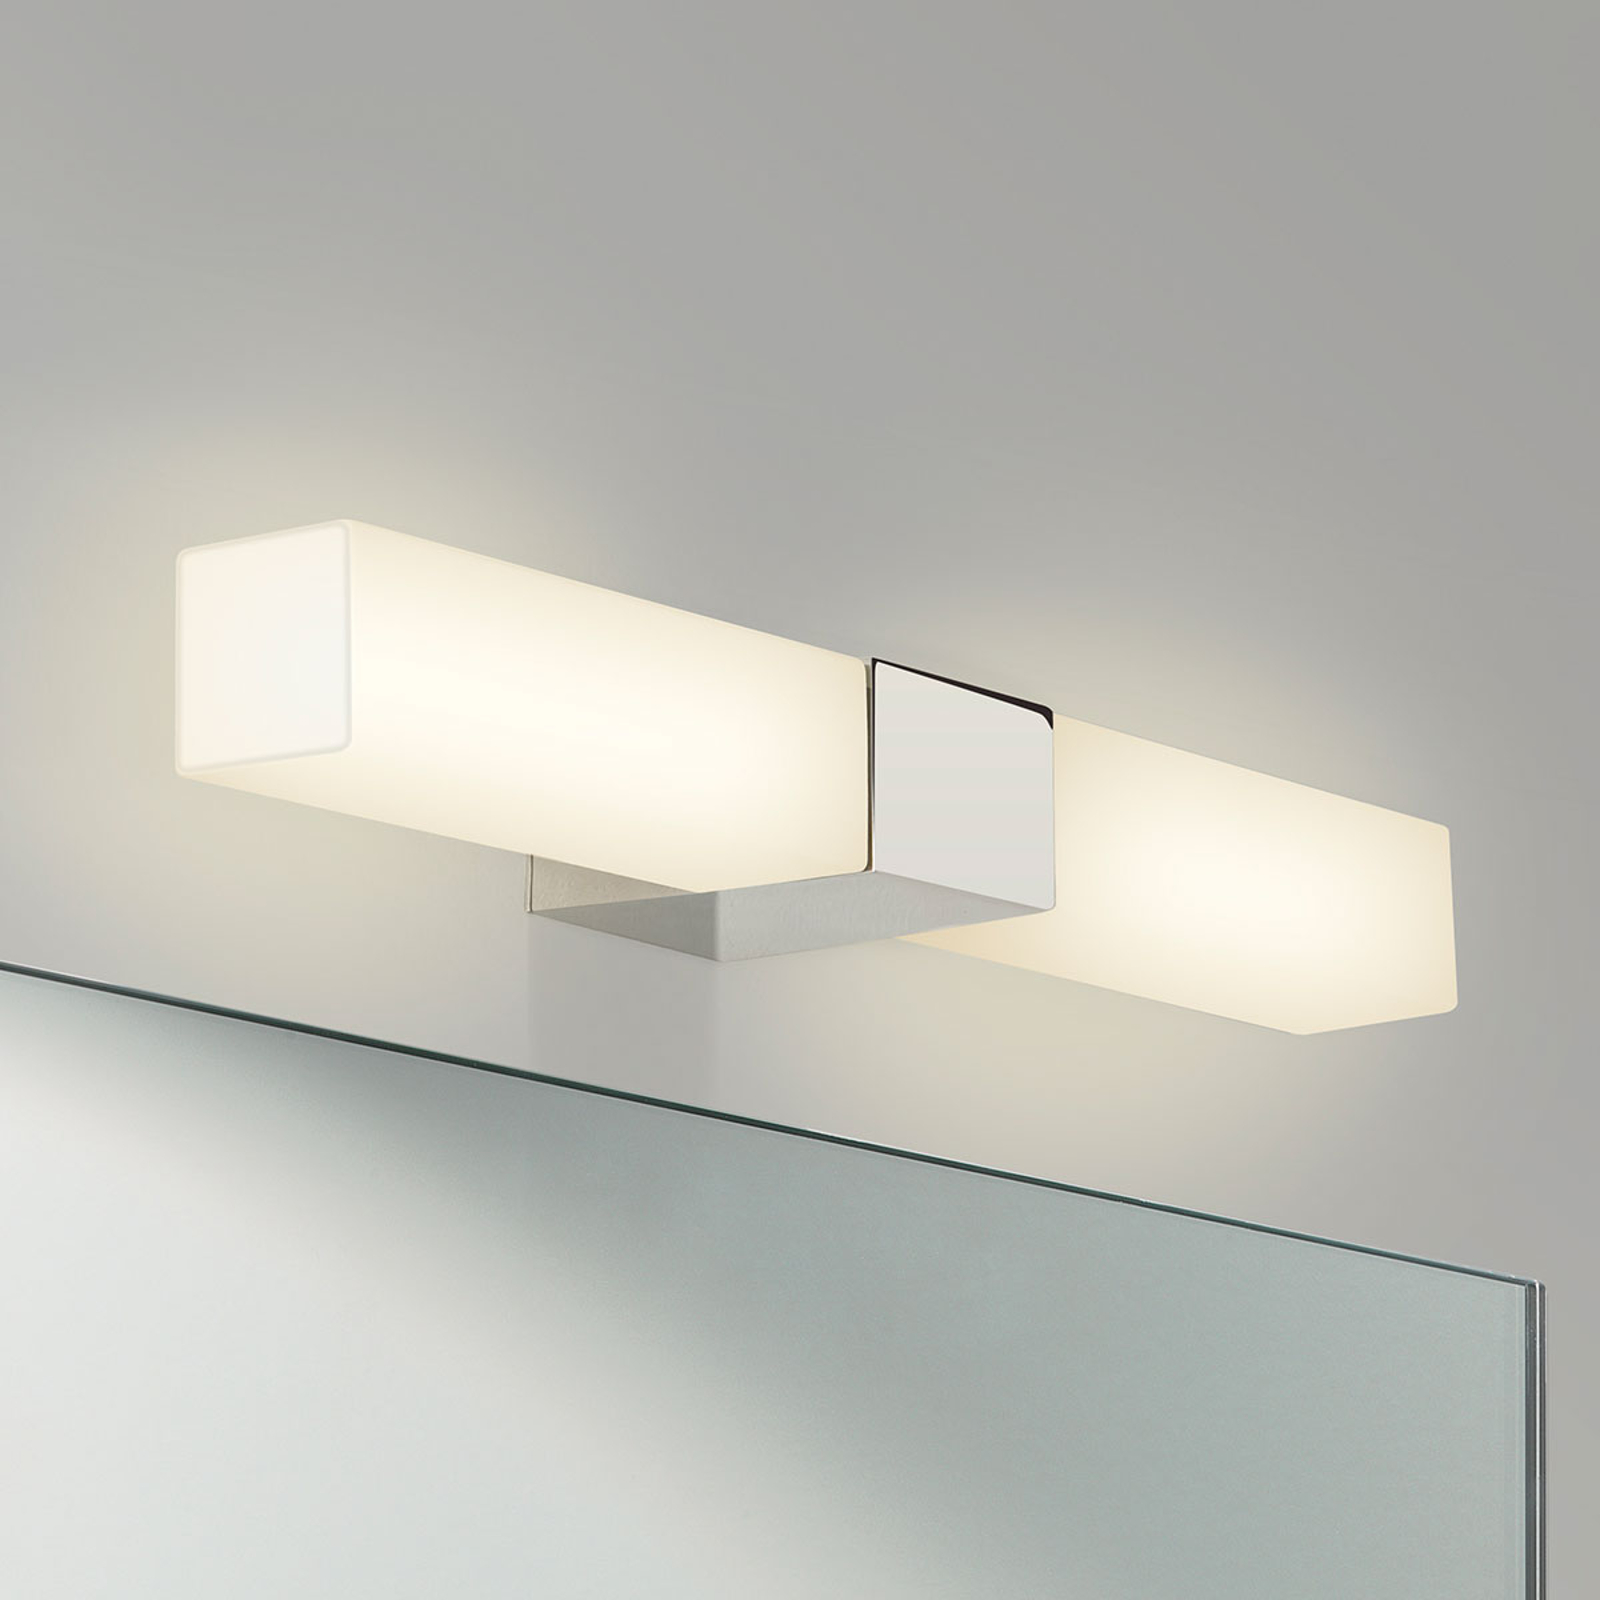 Astro Padova Square nástenné svietidlo, kúpeľňa_1020387_1